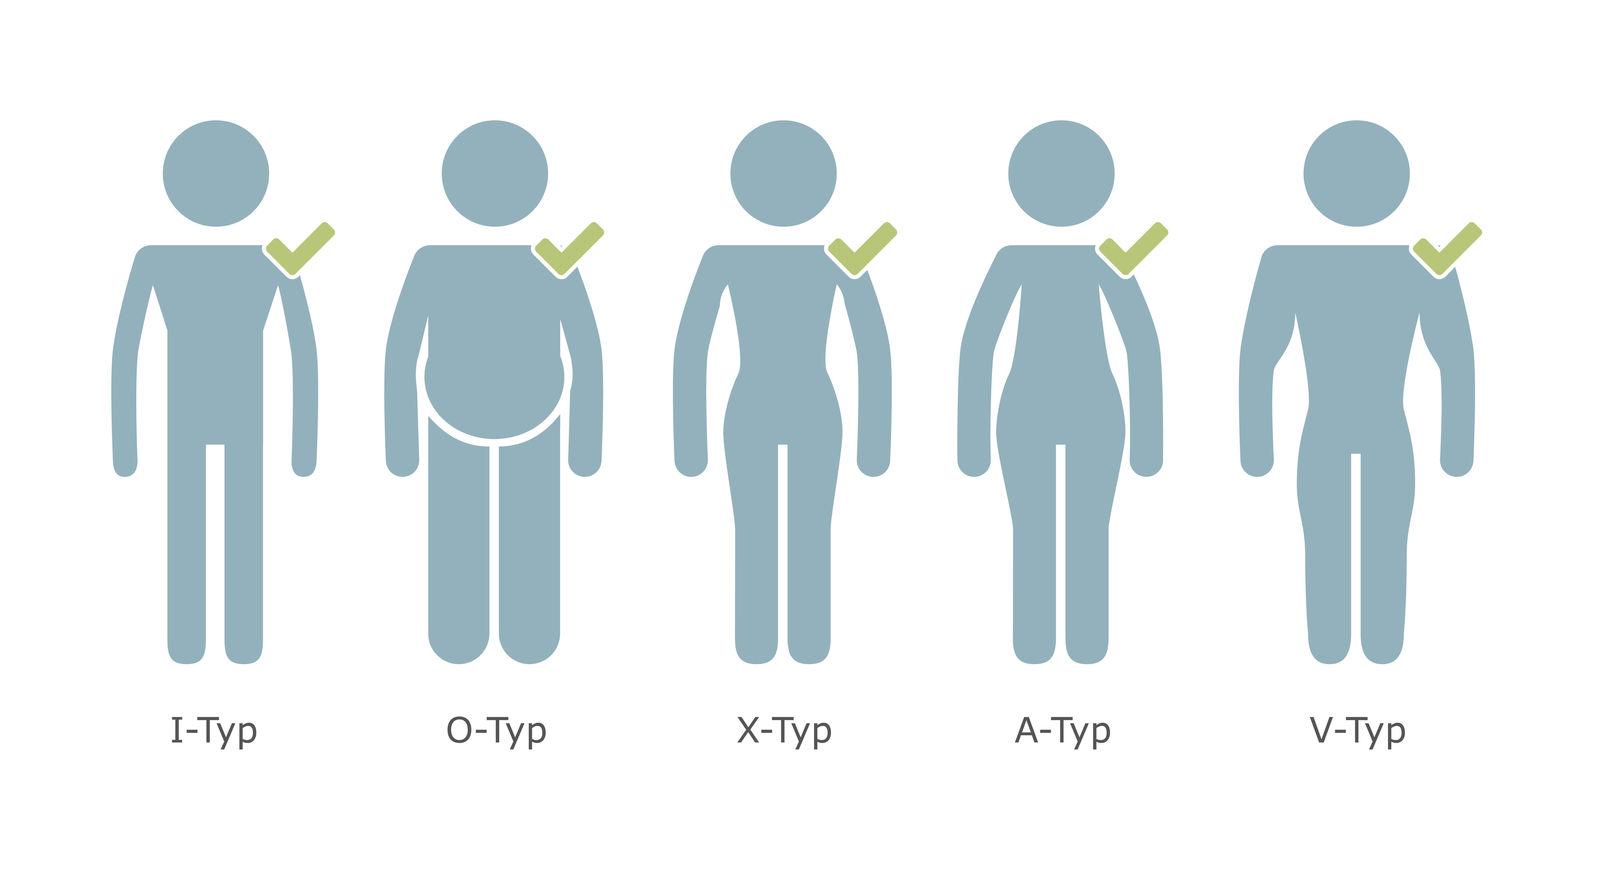 Kaltschaummatratze youSleep passend für alle Körpertypen